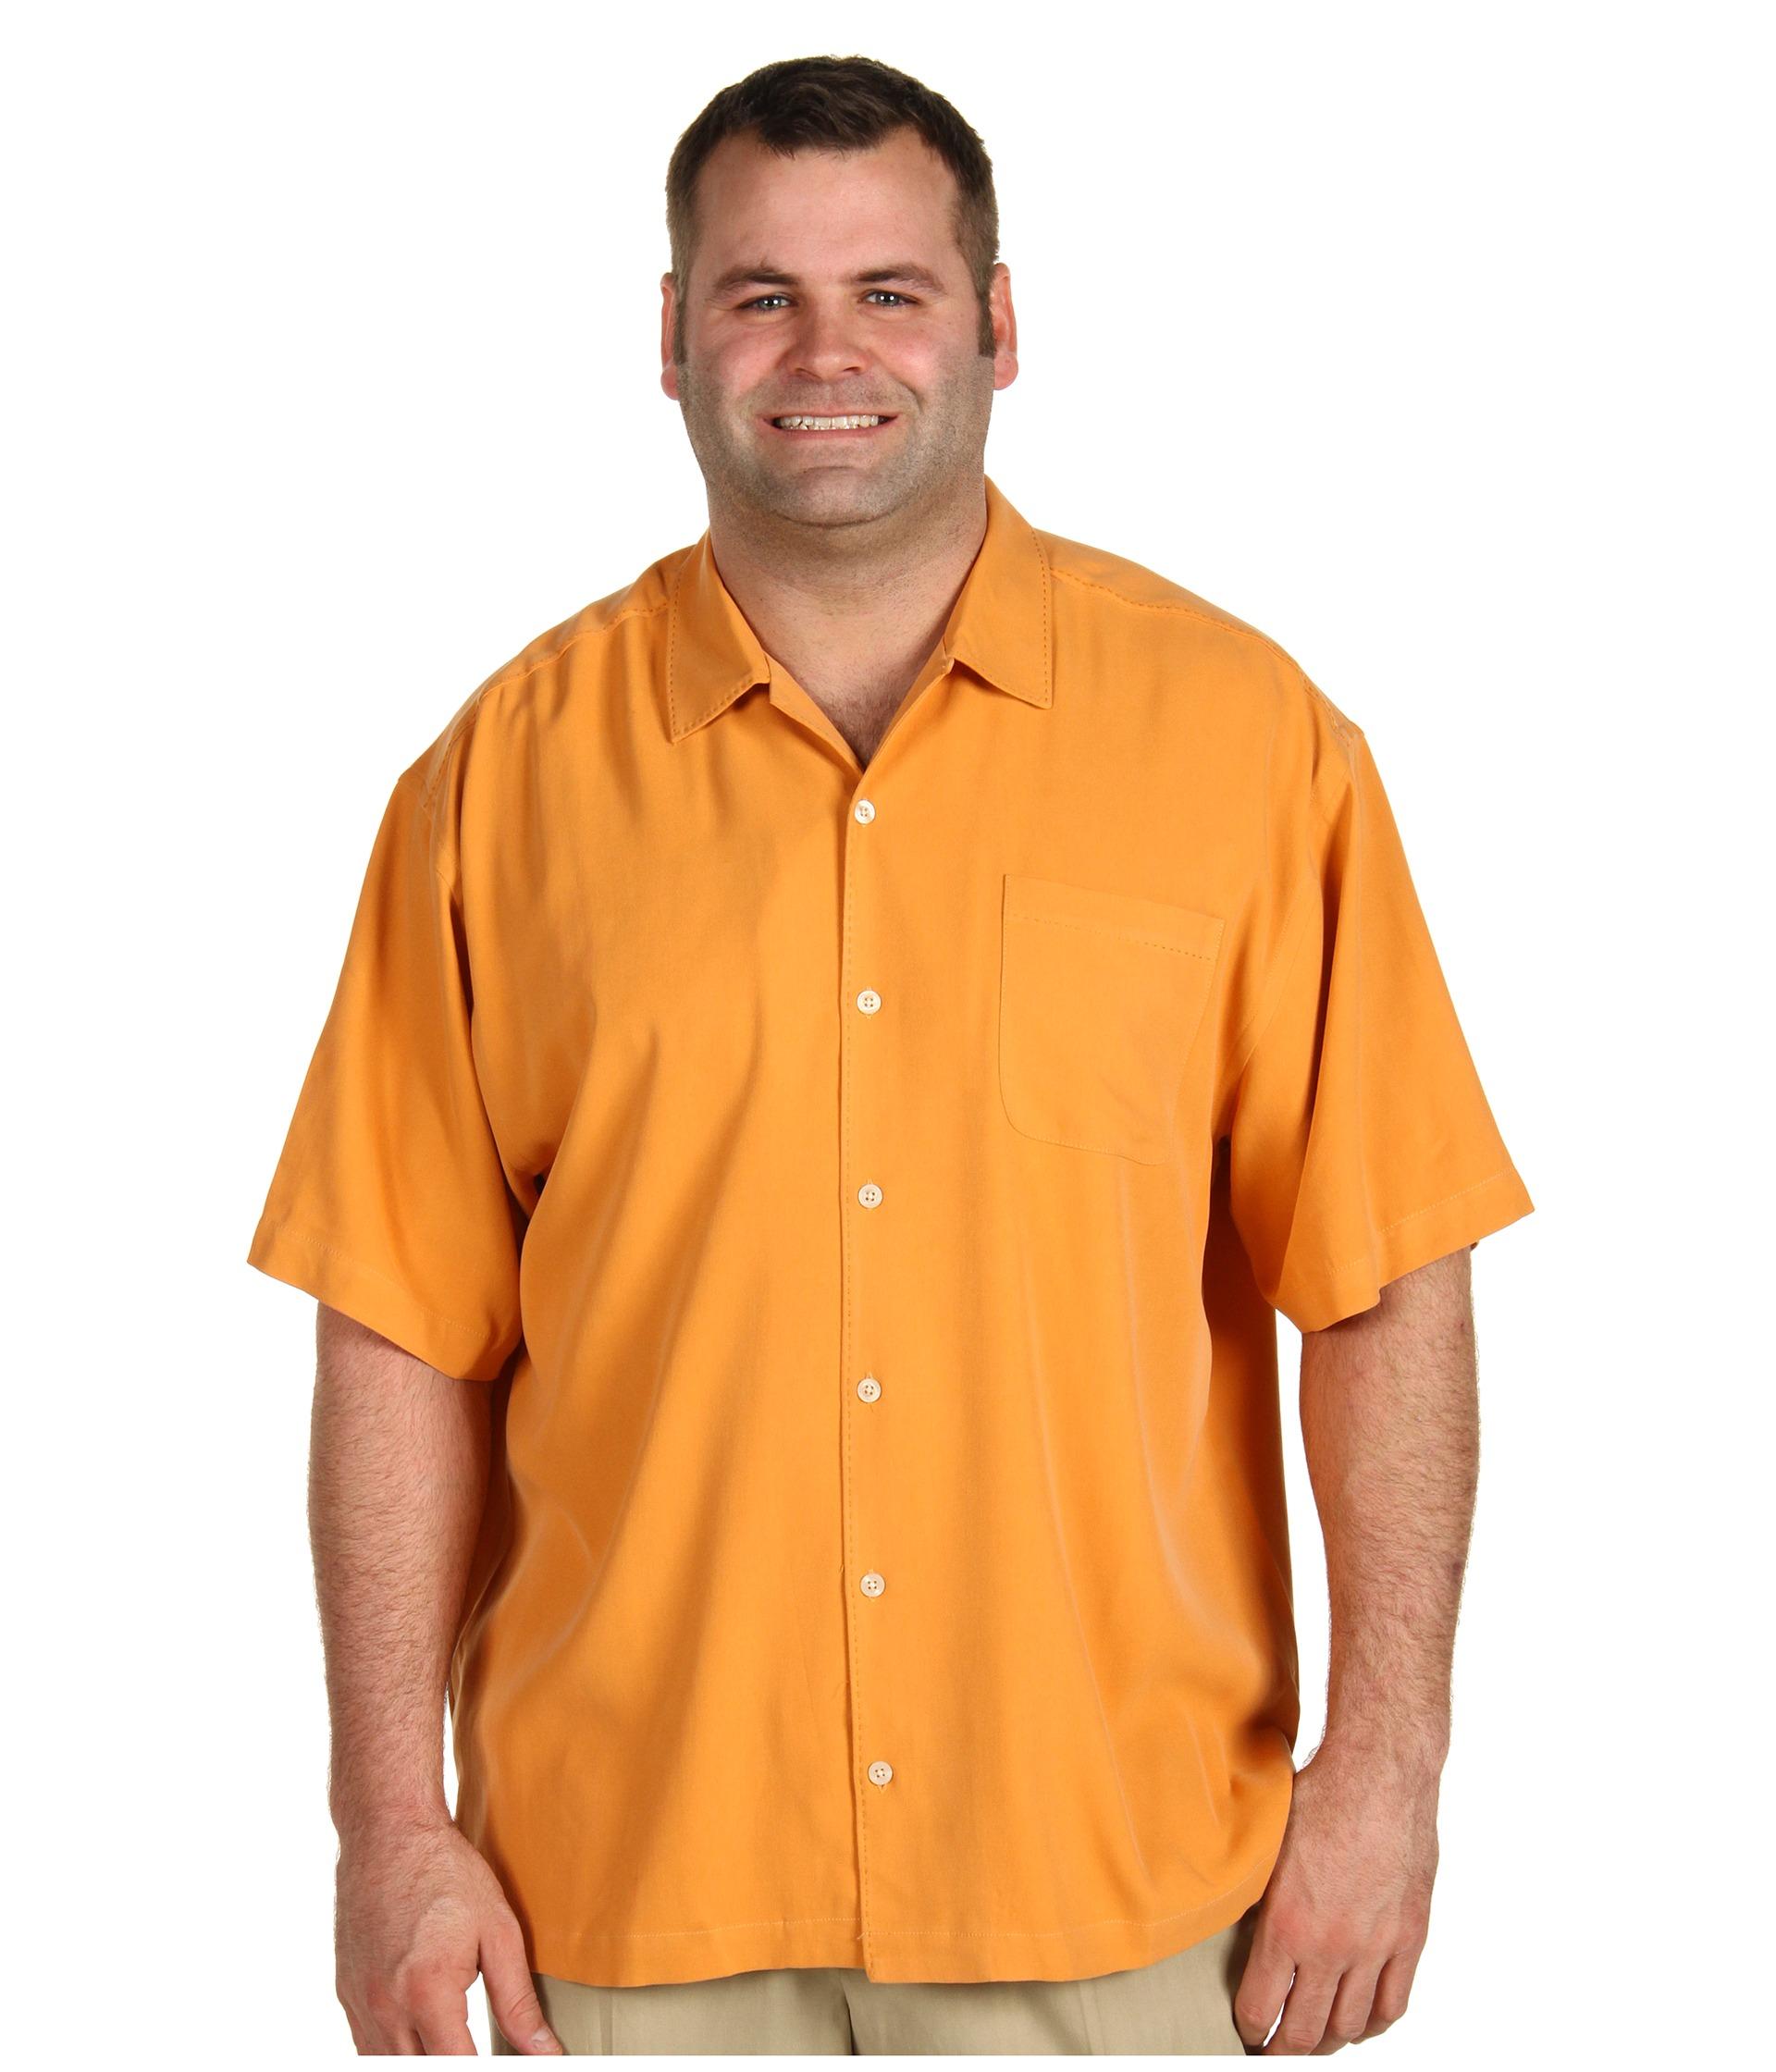 Tommy Bahama Big & Tall   Big & Tall Catalina Twill S/S Shirt